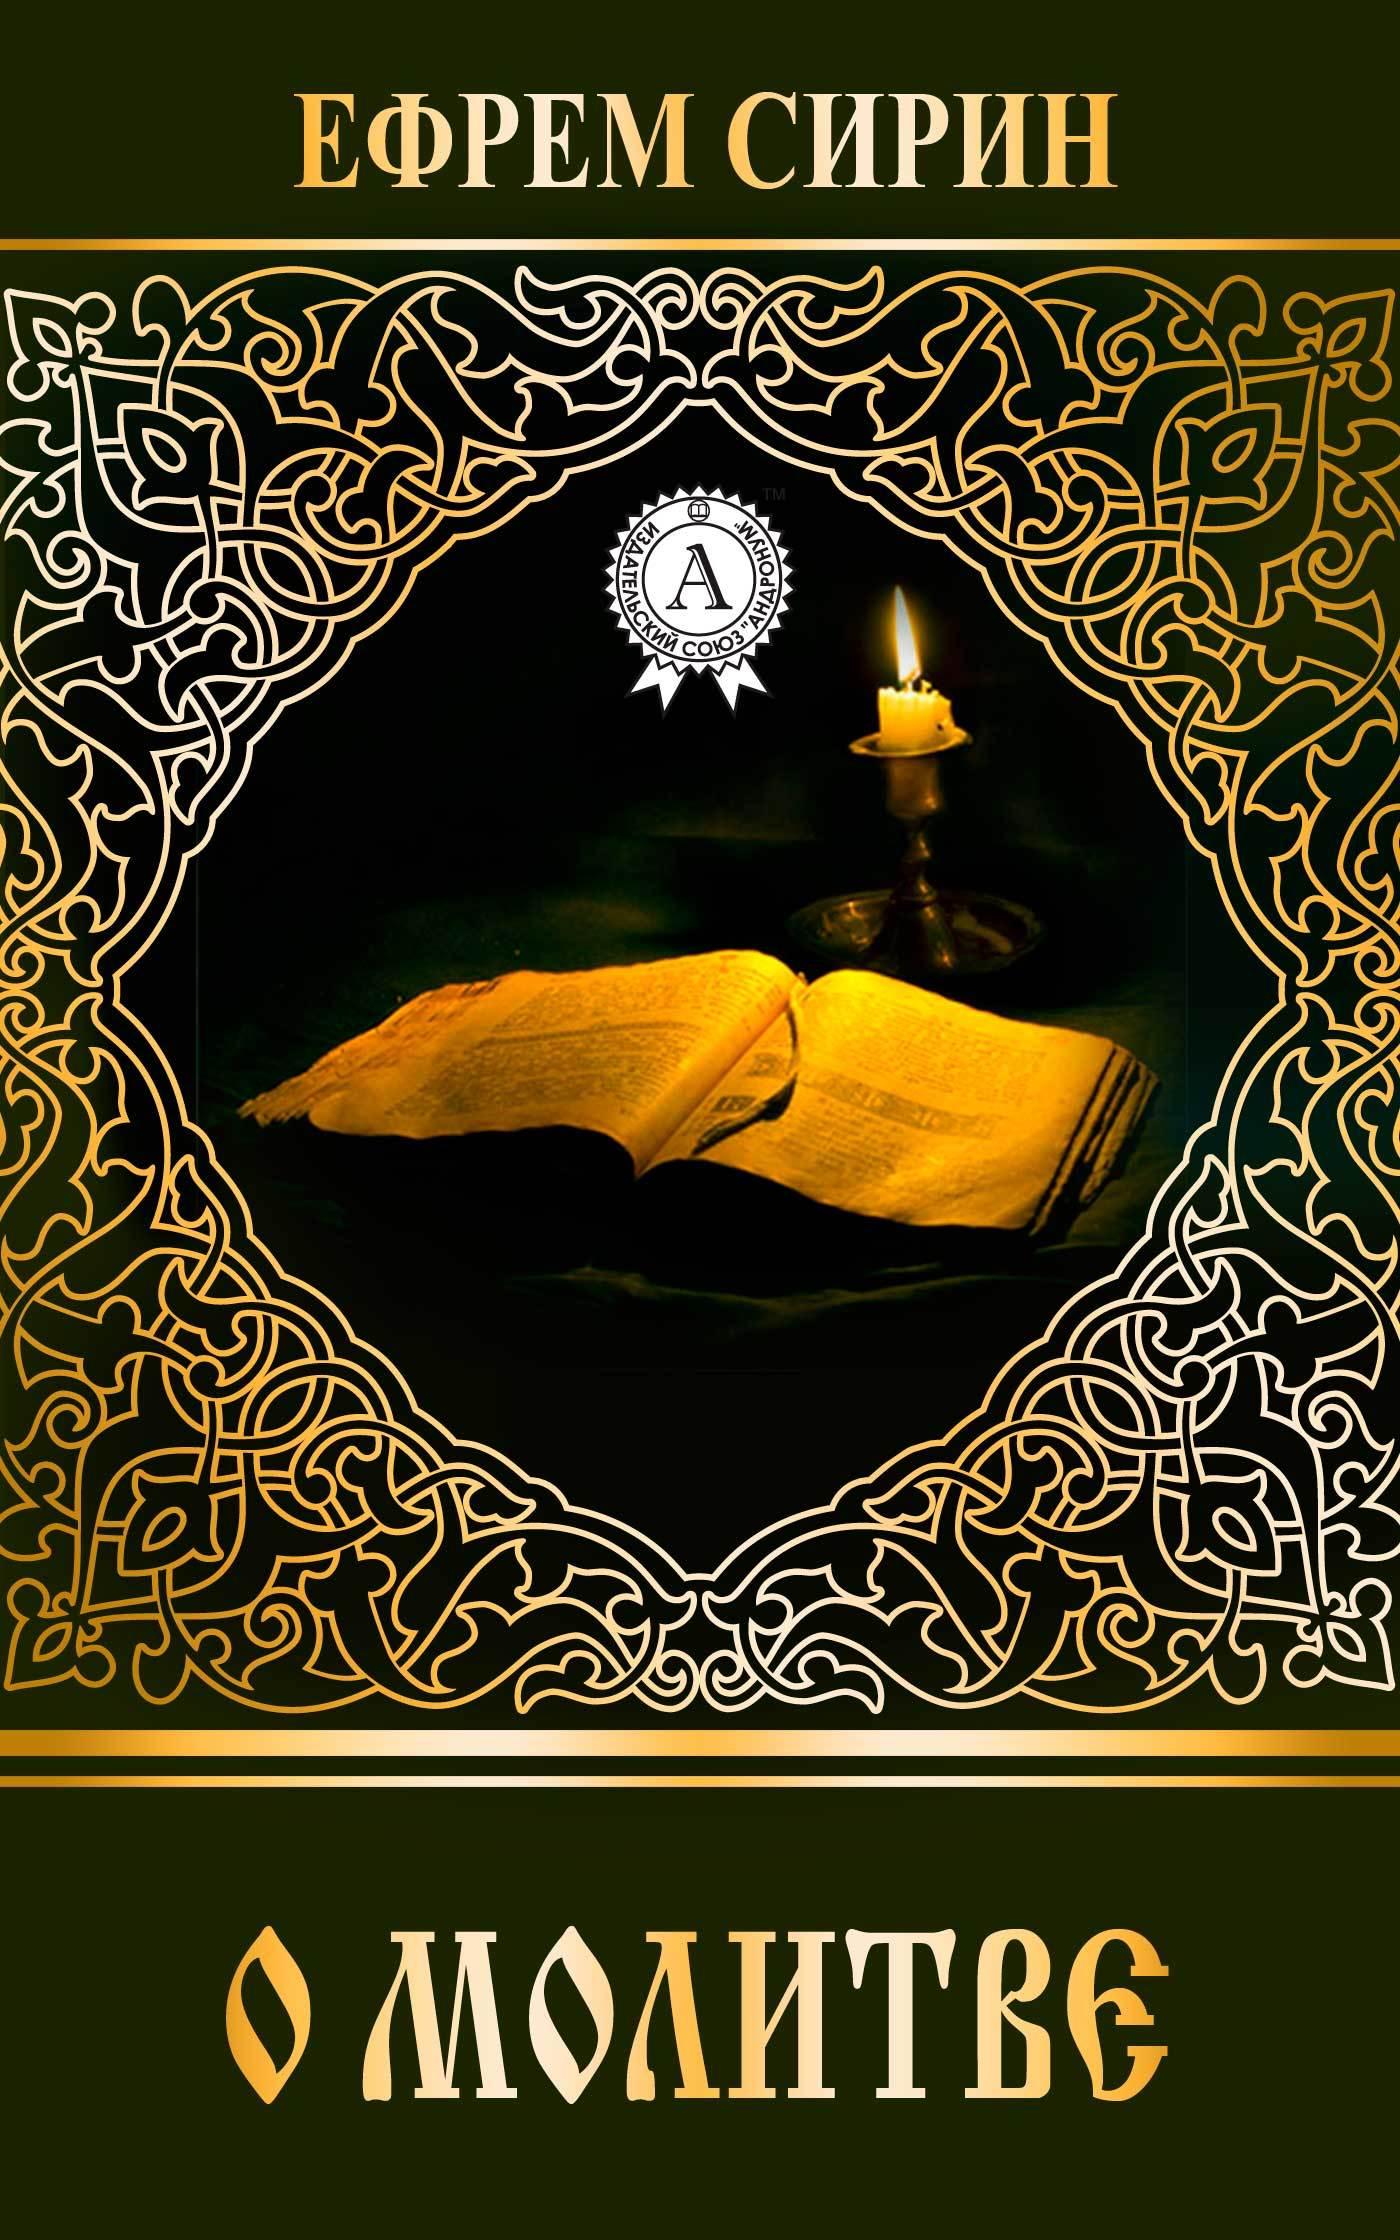 преподобный Ефрем Сирин О молитве ефрем сирин преподобный возблагодарим благого бога духовный азбуковник алфавитный сборник